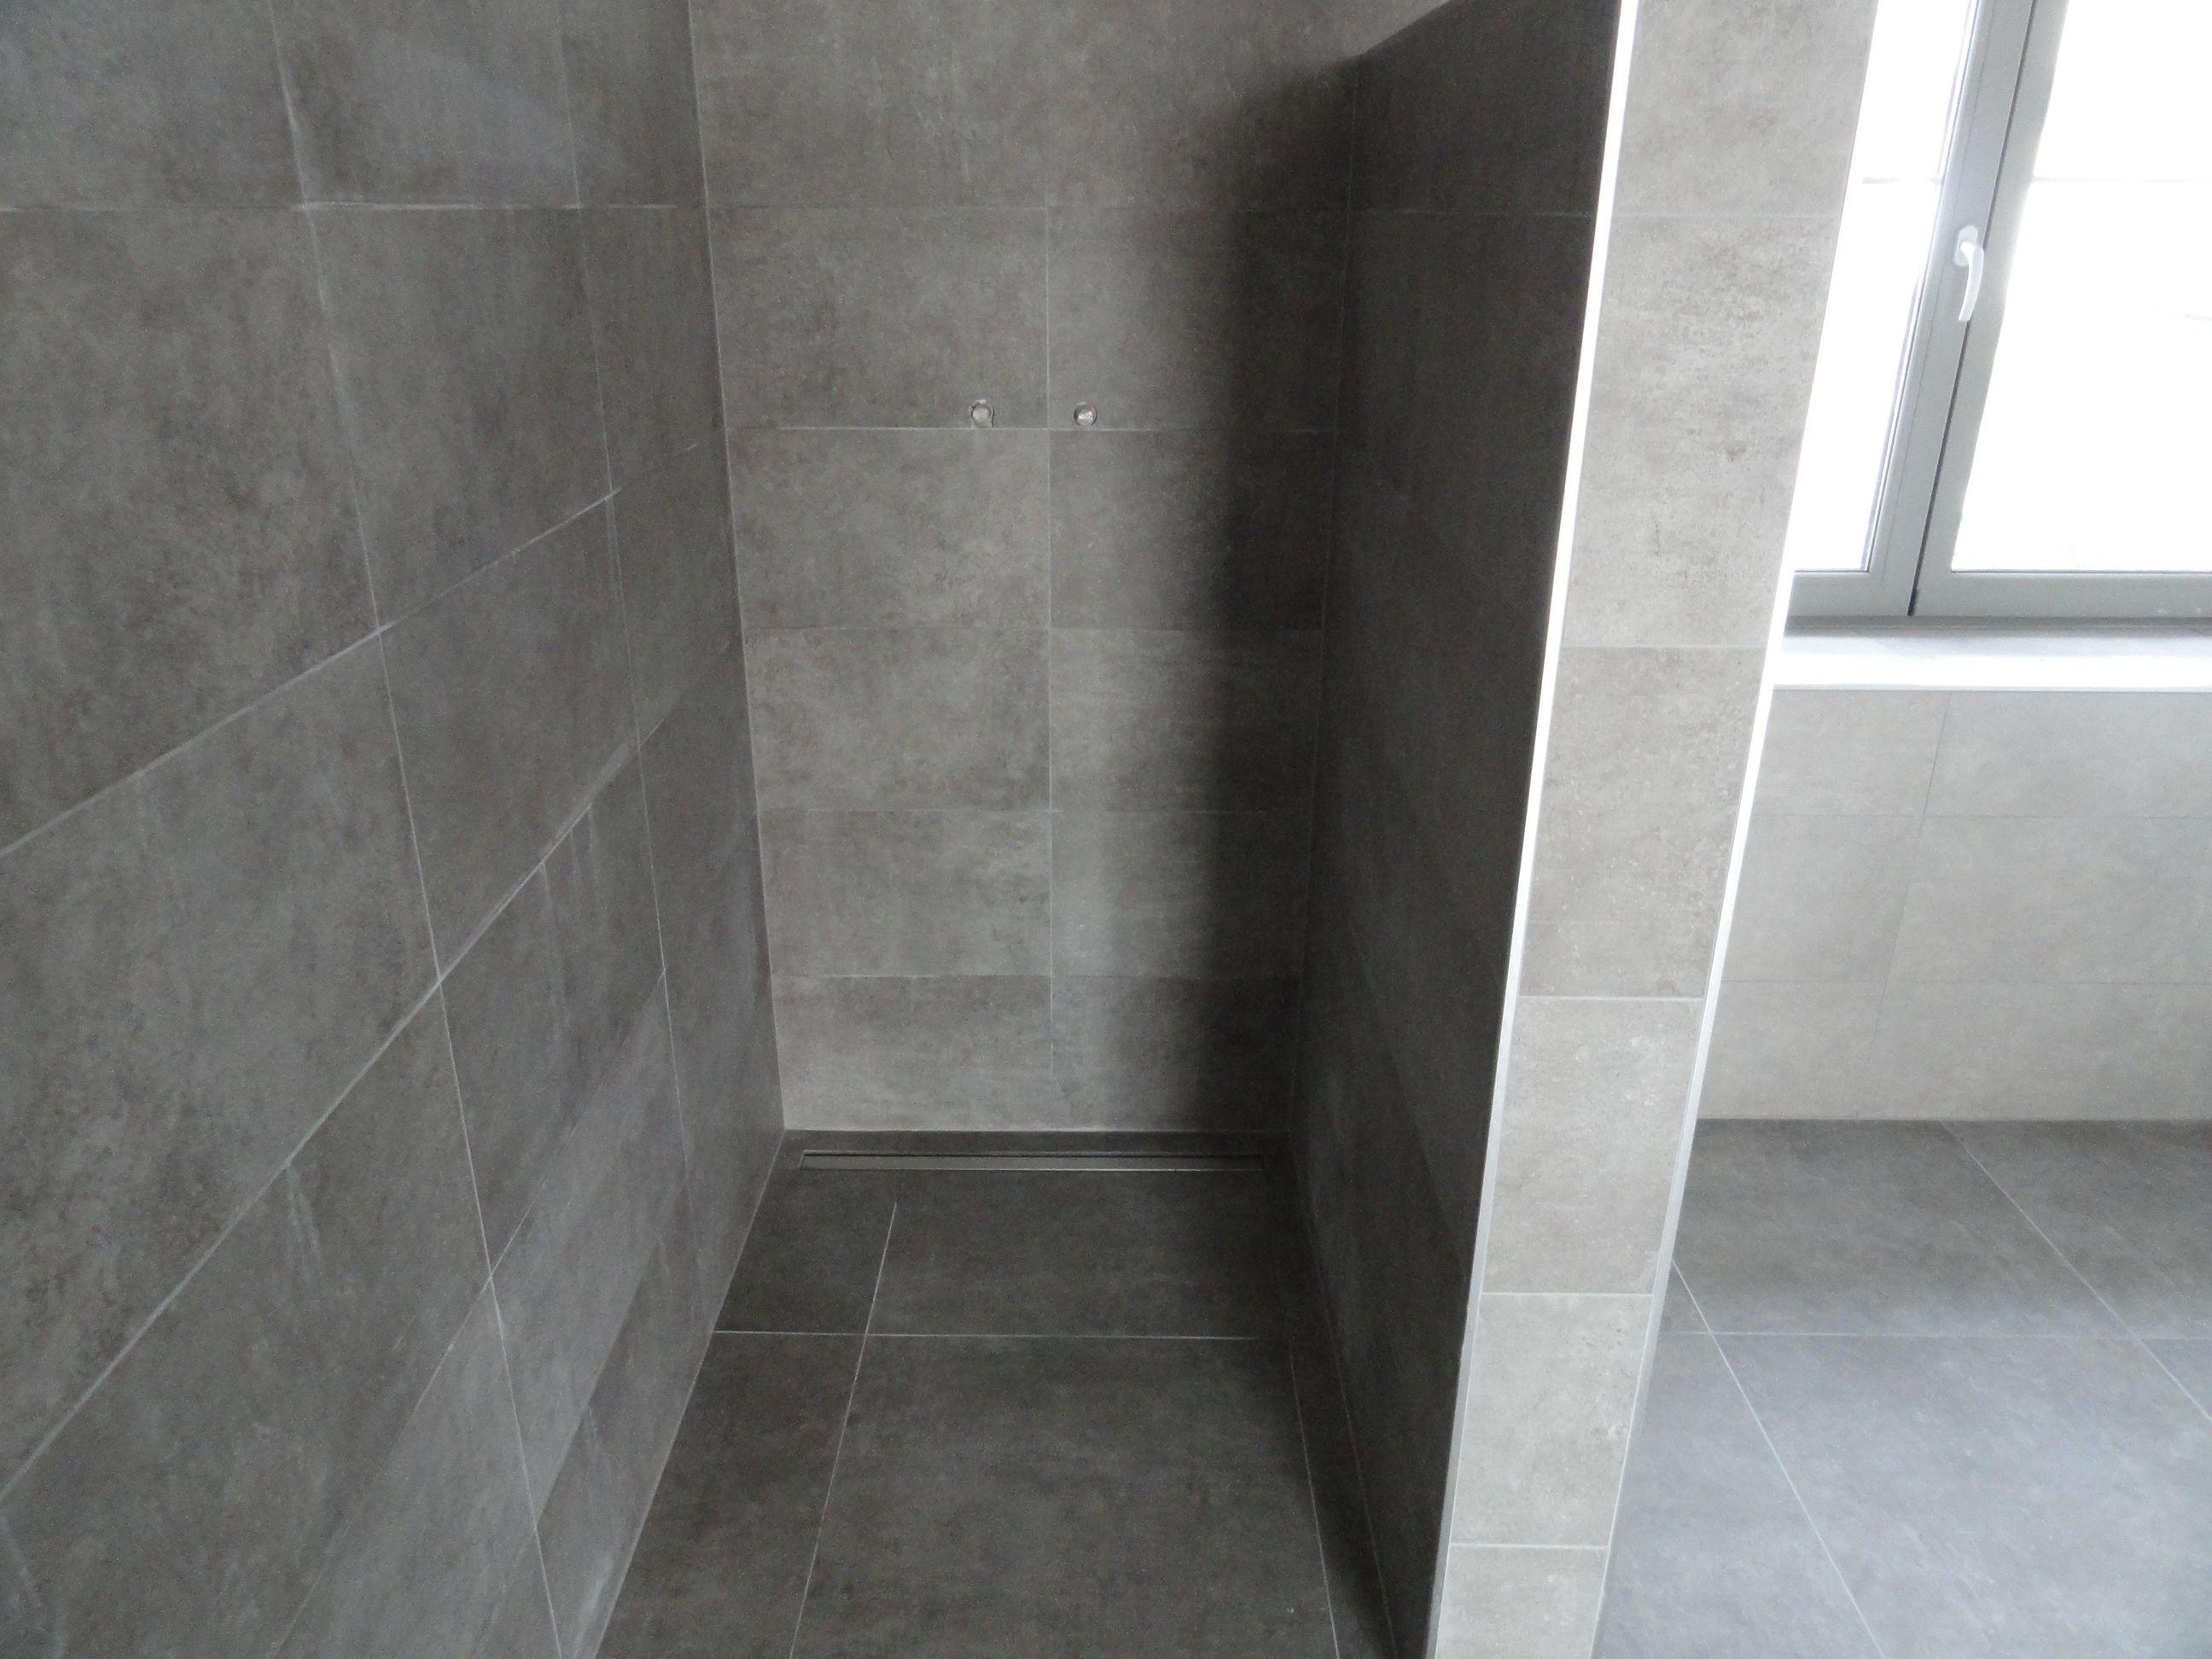 Inloopdouche Zonder Glas : Inloopdouche gerealiseerde vloer en tegelwerken